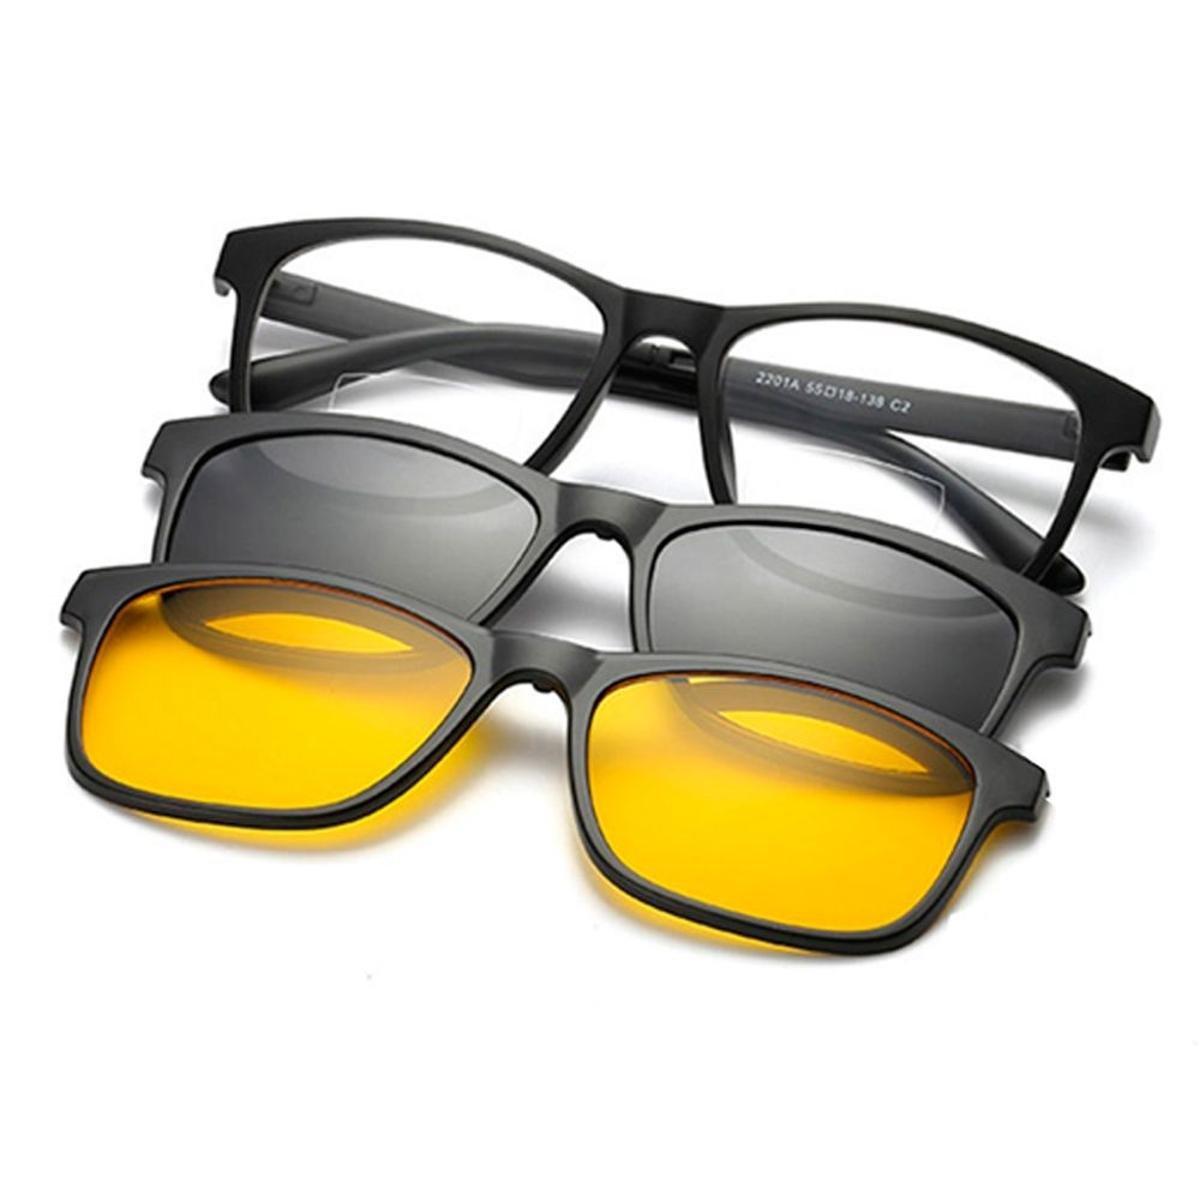 96b53b549 Armação Óculos + 2 Clip On 3 Em 1 Grau Sol E Estojo Com Imã All Lock -  Incolor | Zattini